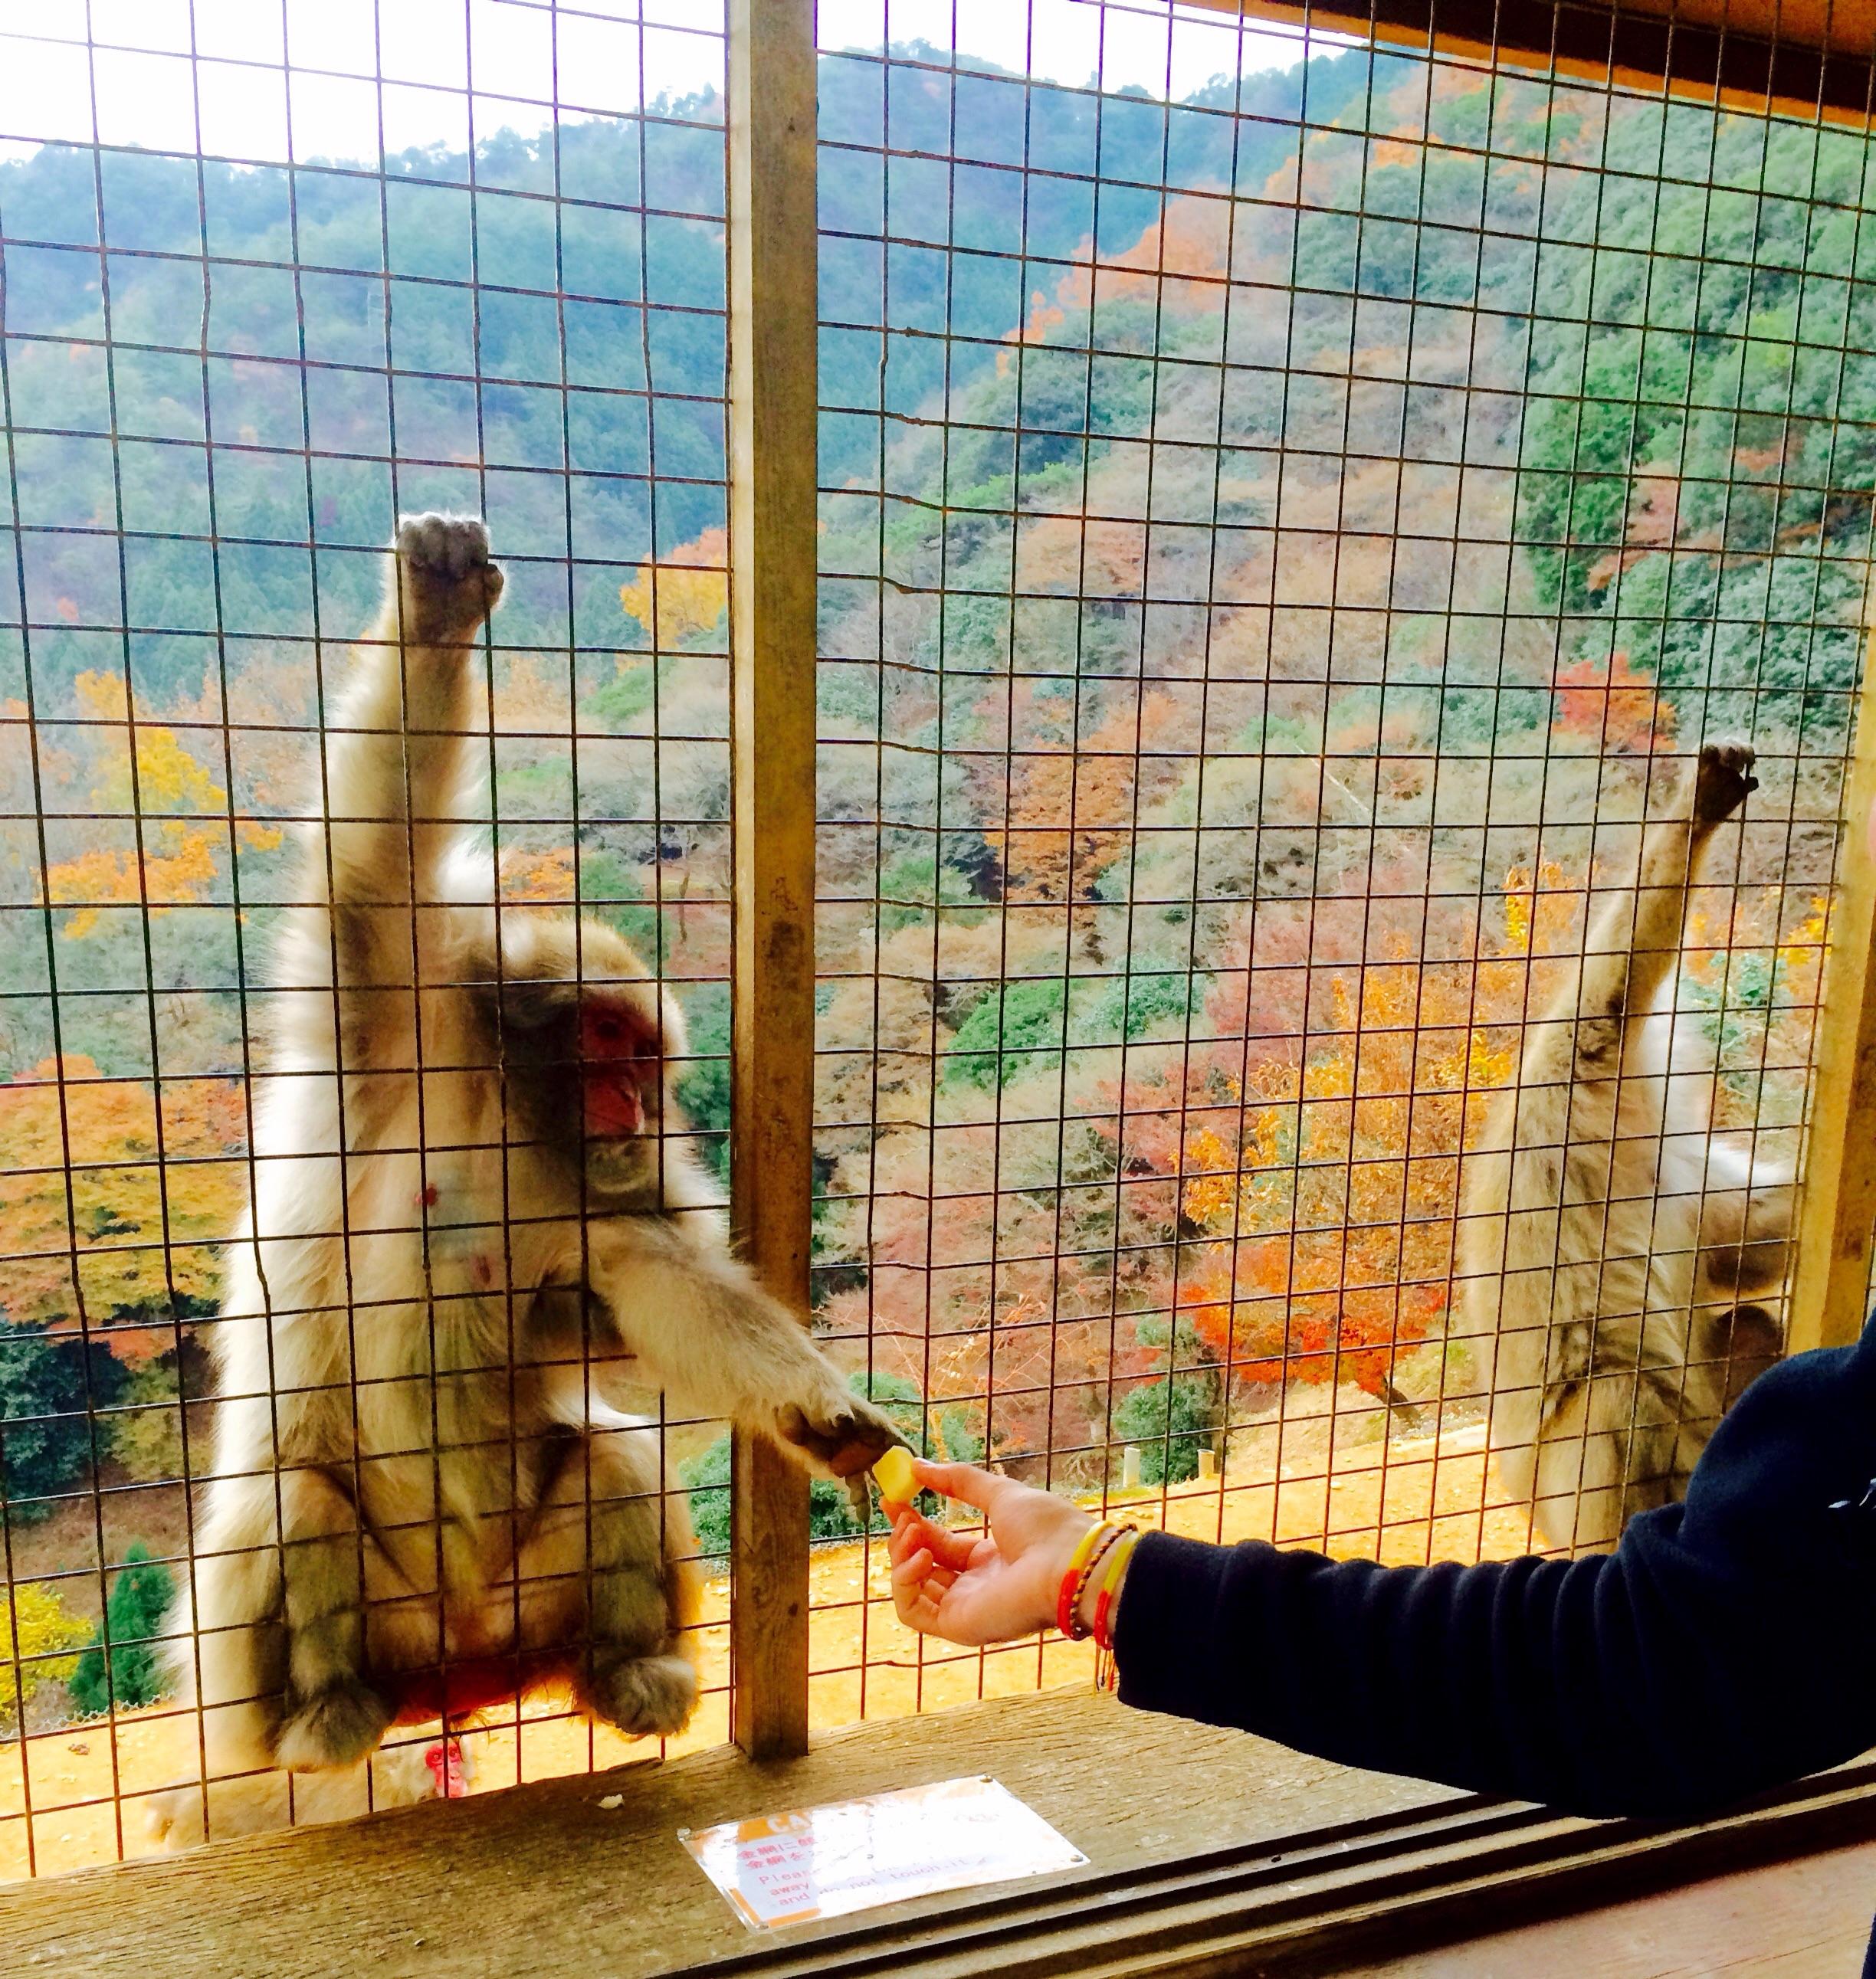 Feeding a snow monkey in Kyoto's Arashiyama Monkey Park